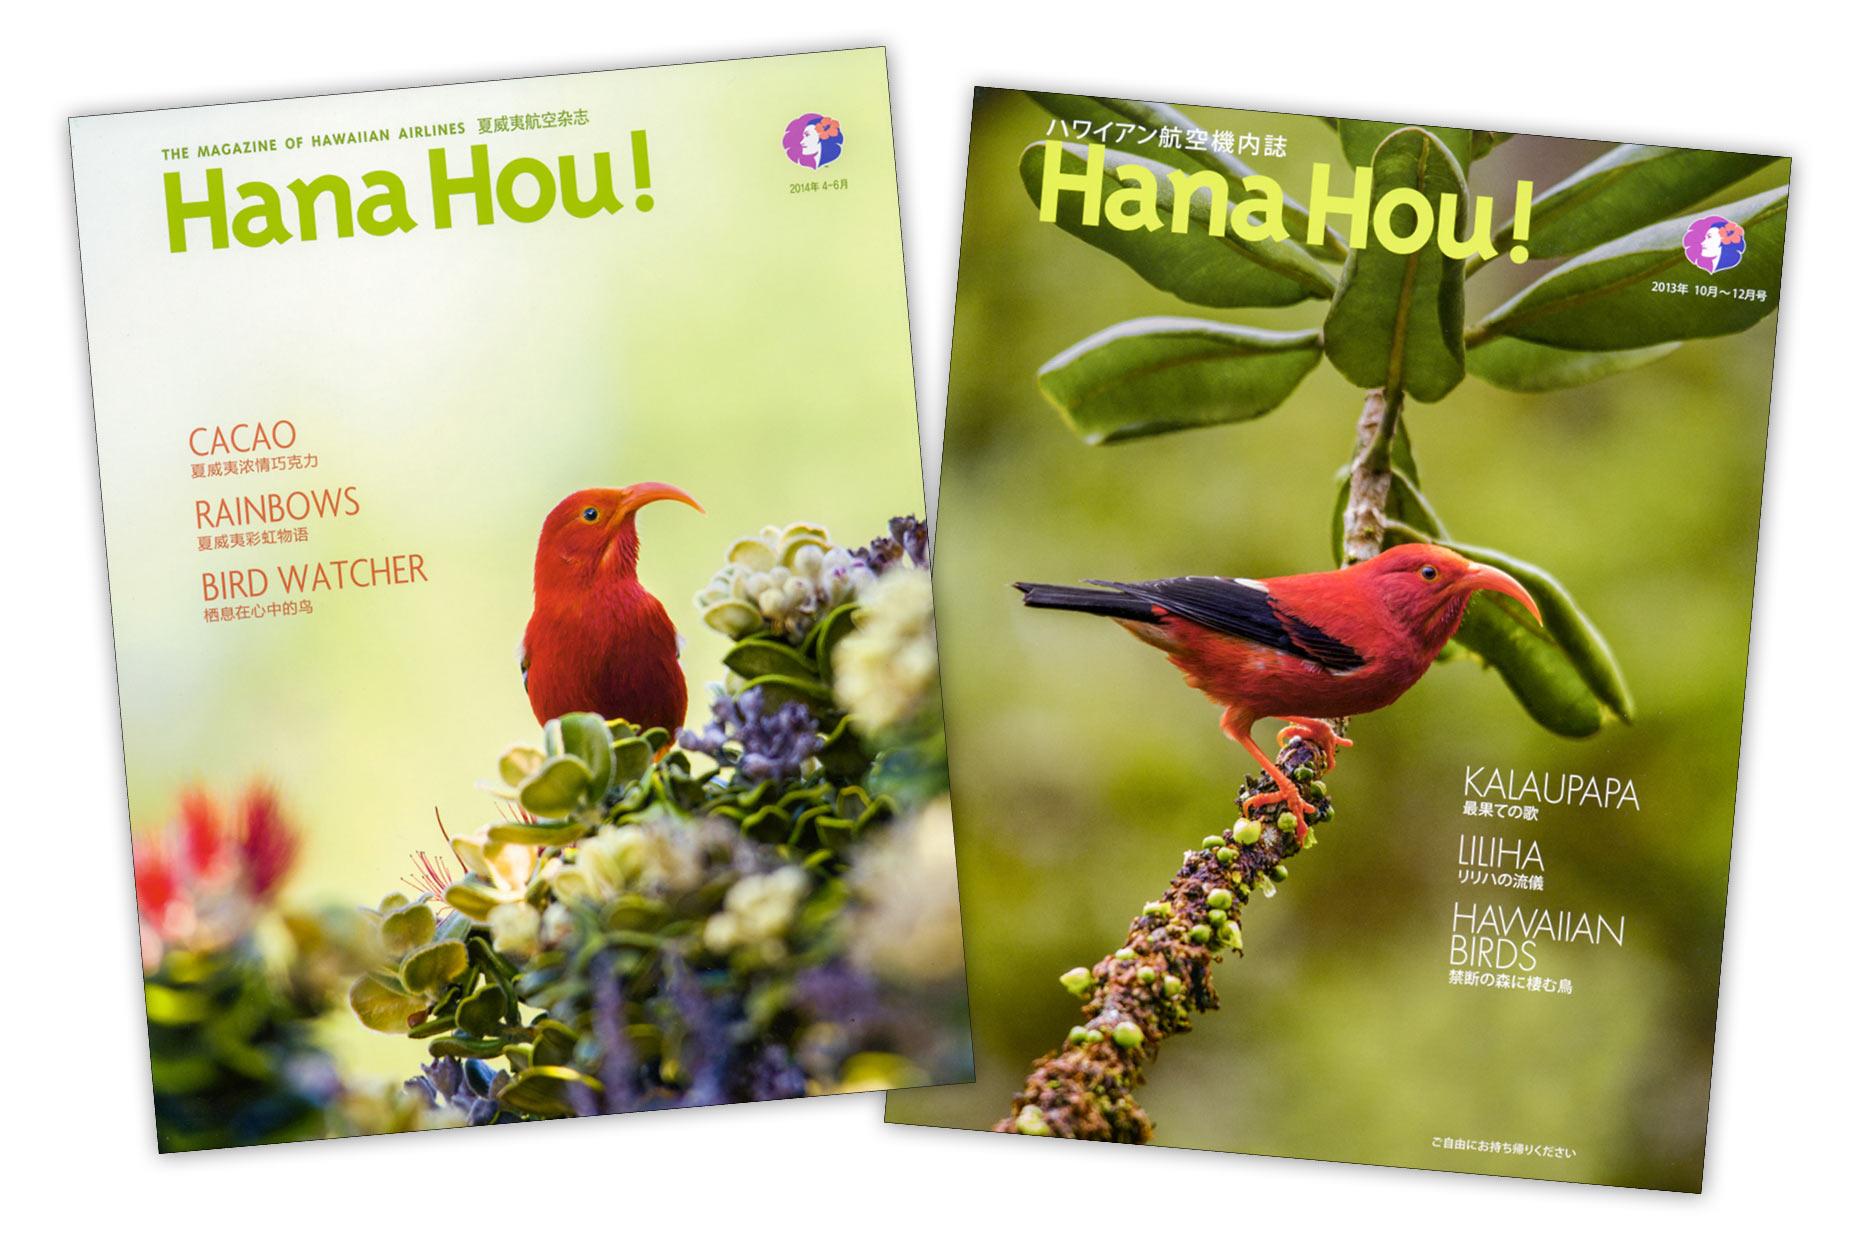 Hana Hou! Magazine (Iiwi)